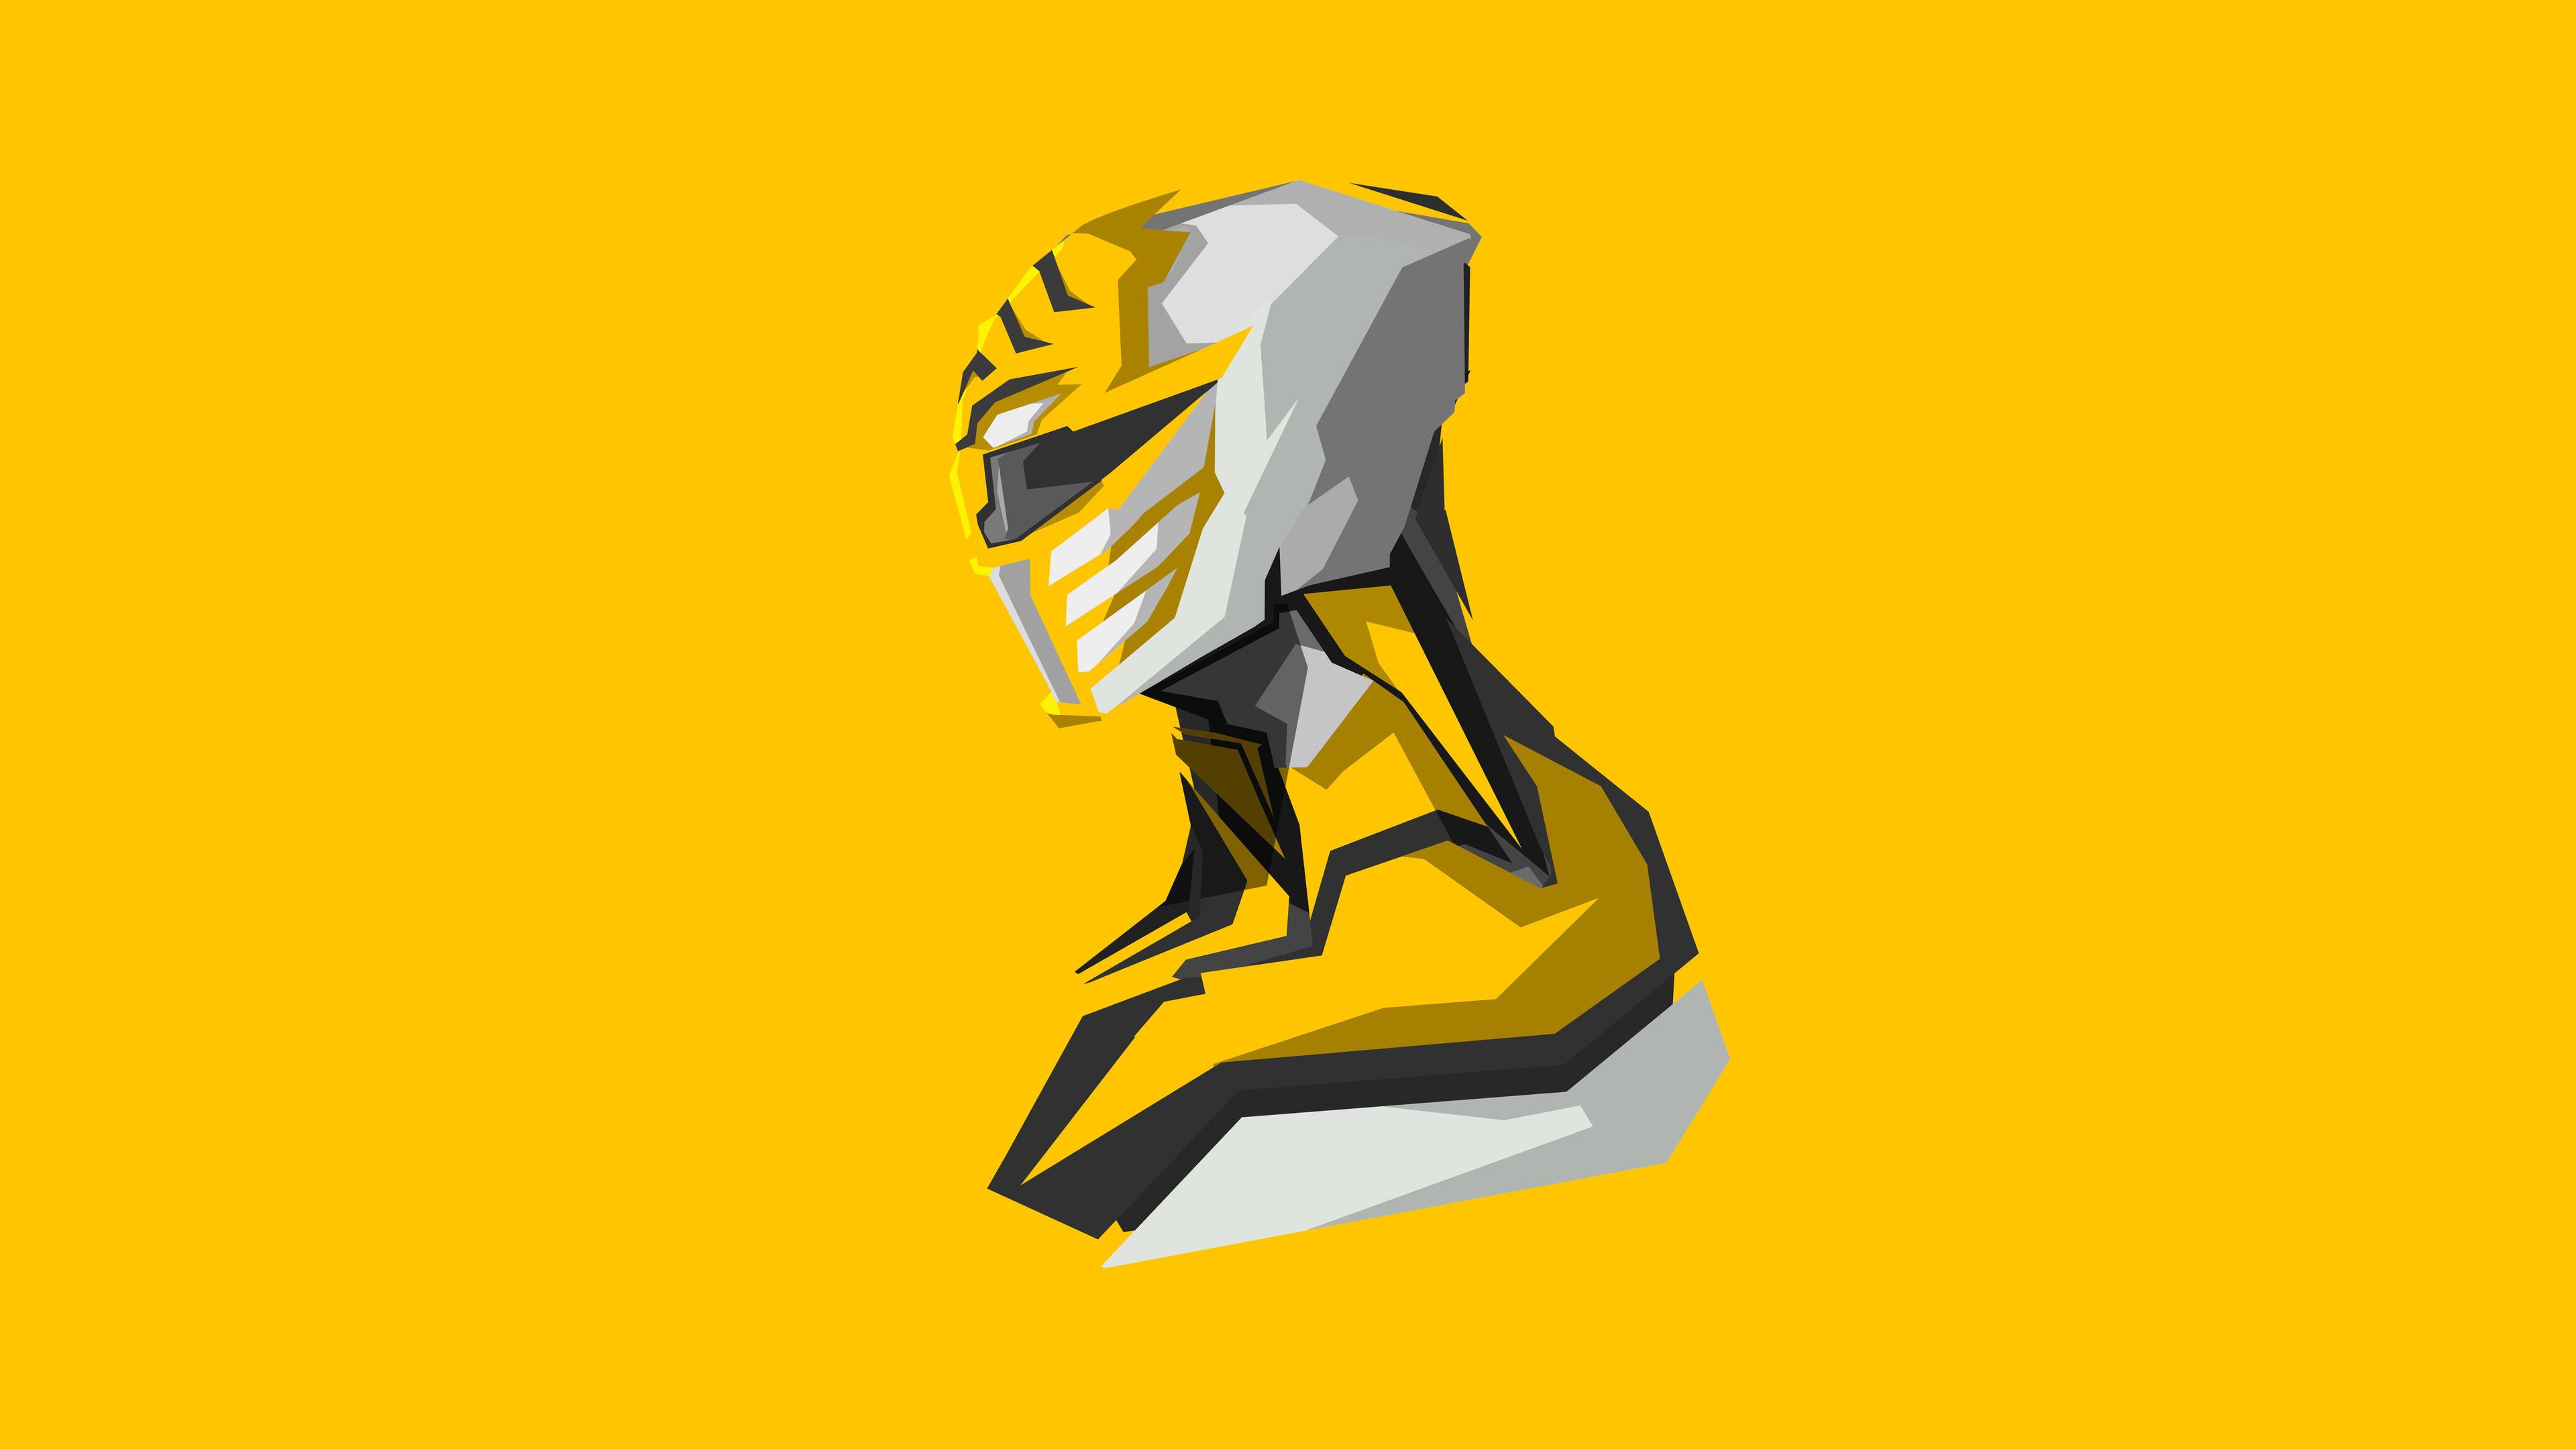 yellow power rangers 4k art 1536522828 - Yellow Power Rangers 4k Art - power rangers wallpapers, minimalism wallpapers, hd-wallpapers, digital art wallpapers, artwork wallpapers, 4k-wallpapers